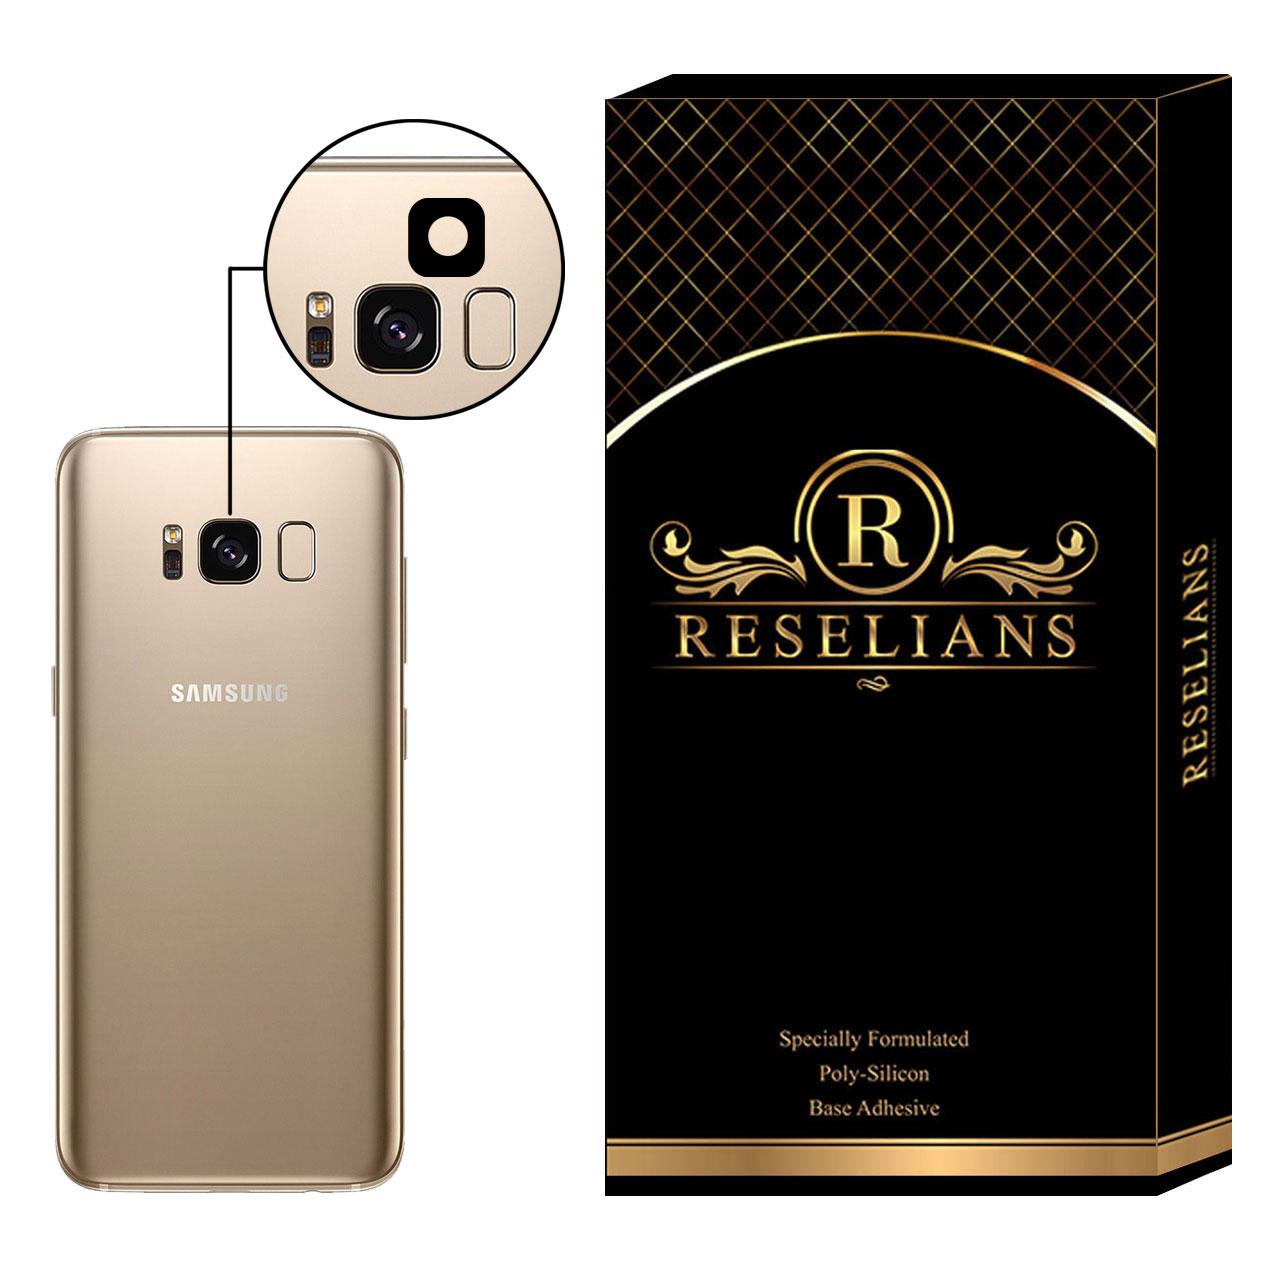 محافظ لنز دوربین سرامیکی رزلیانس مدل RBL مناسب برای گوشی موبایل سامسونگ Galaxy S8 plus